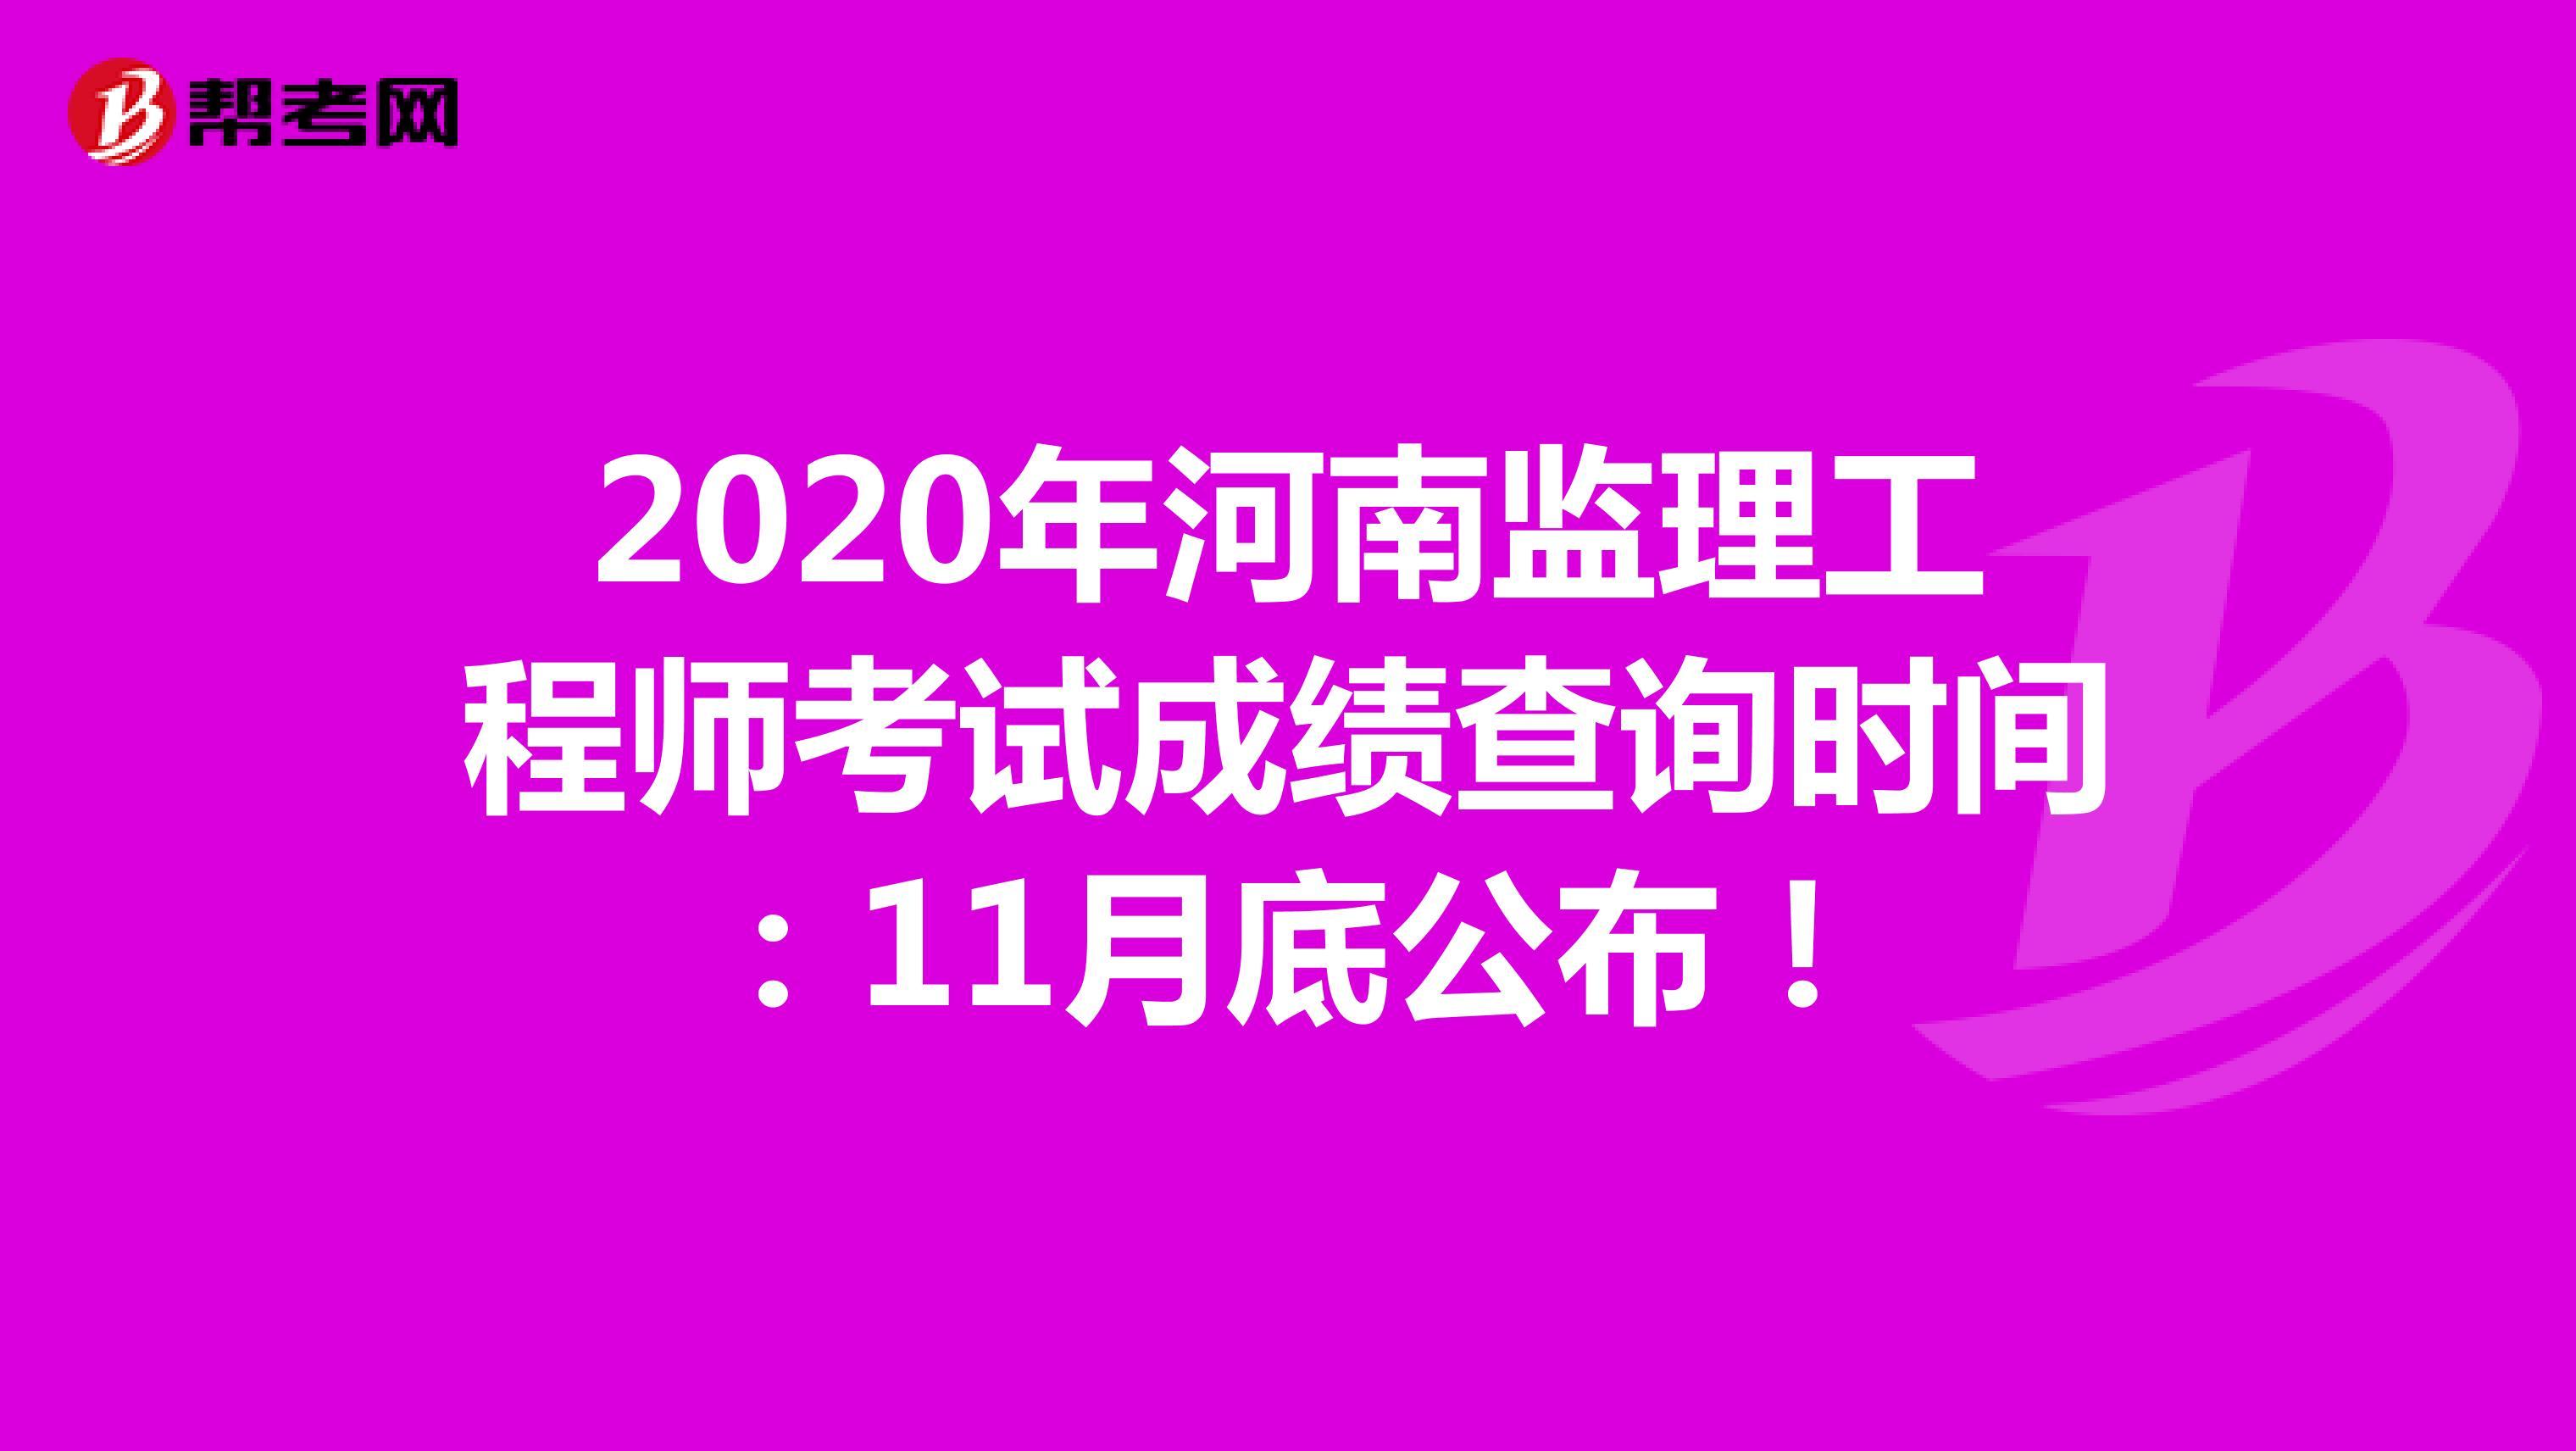 2020年河南监理工程师考试成绩查询时间:11月底公布!